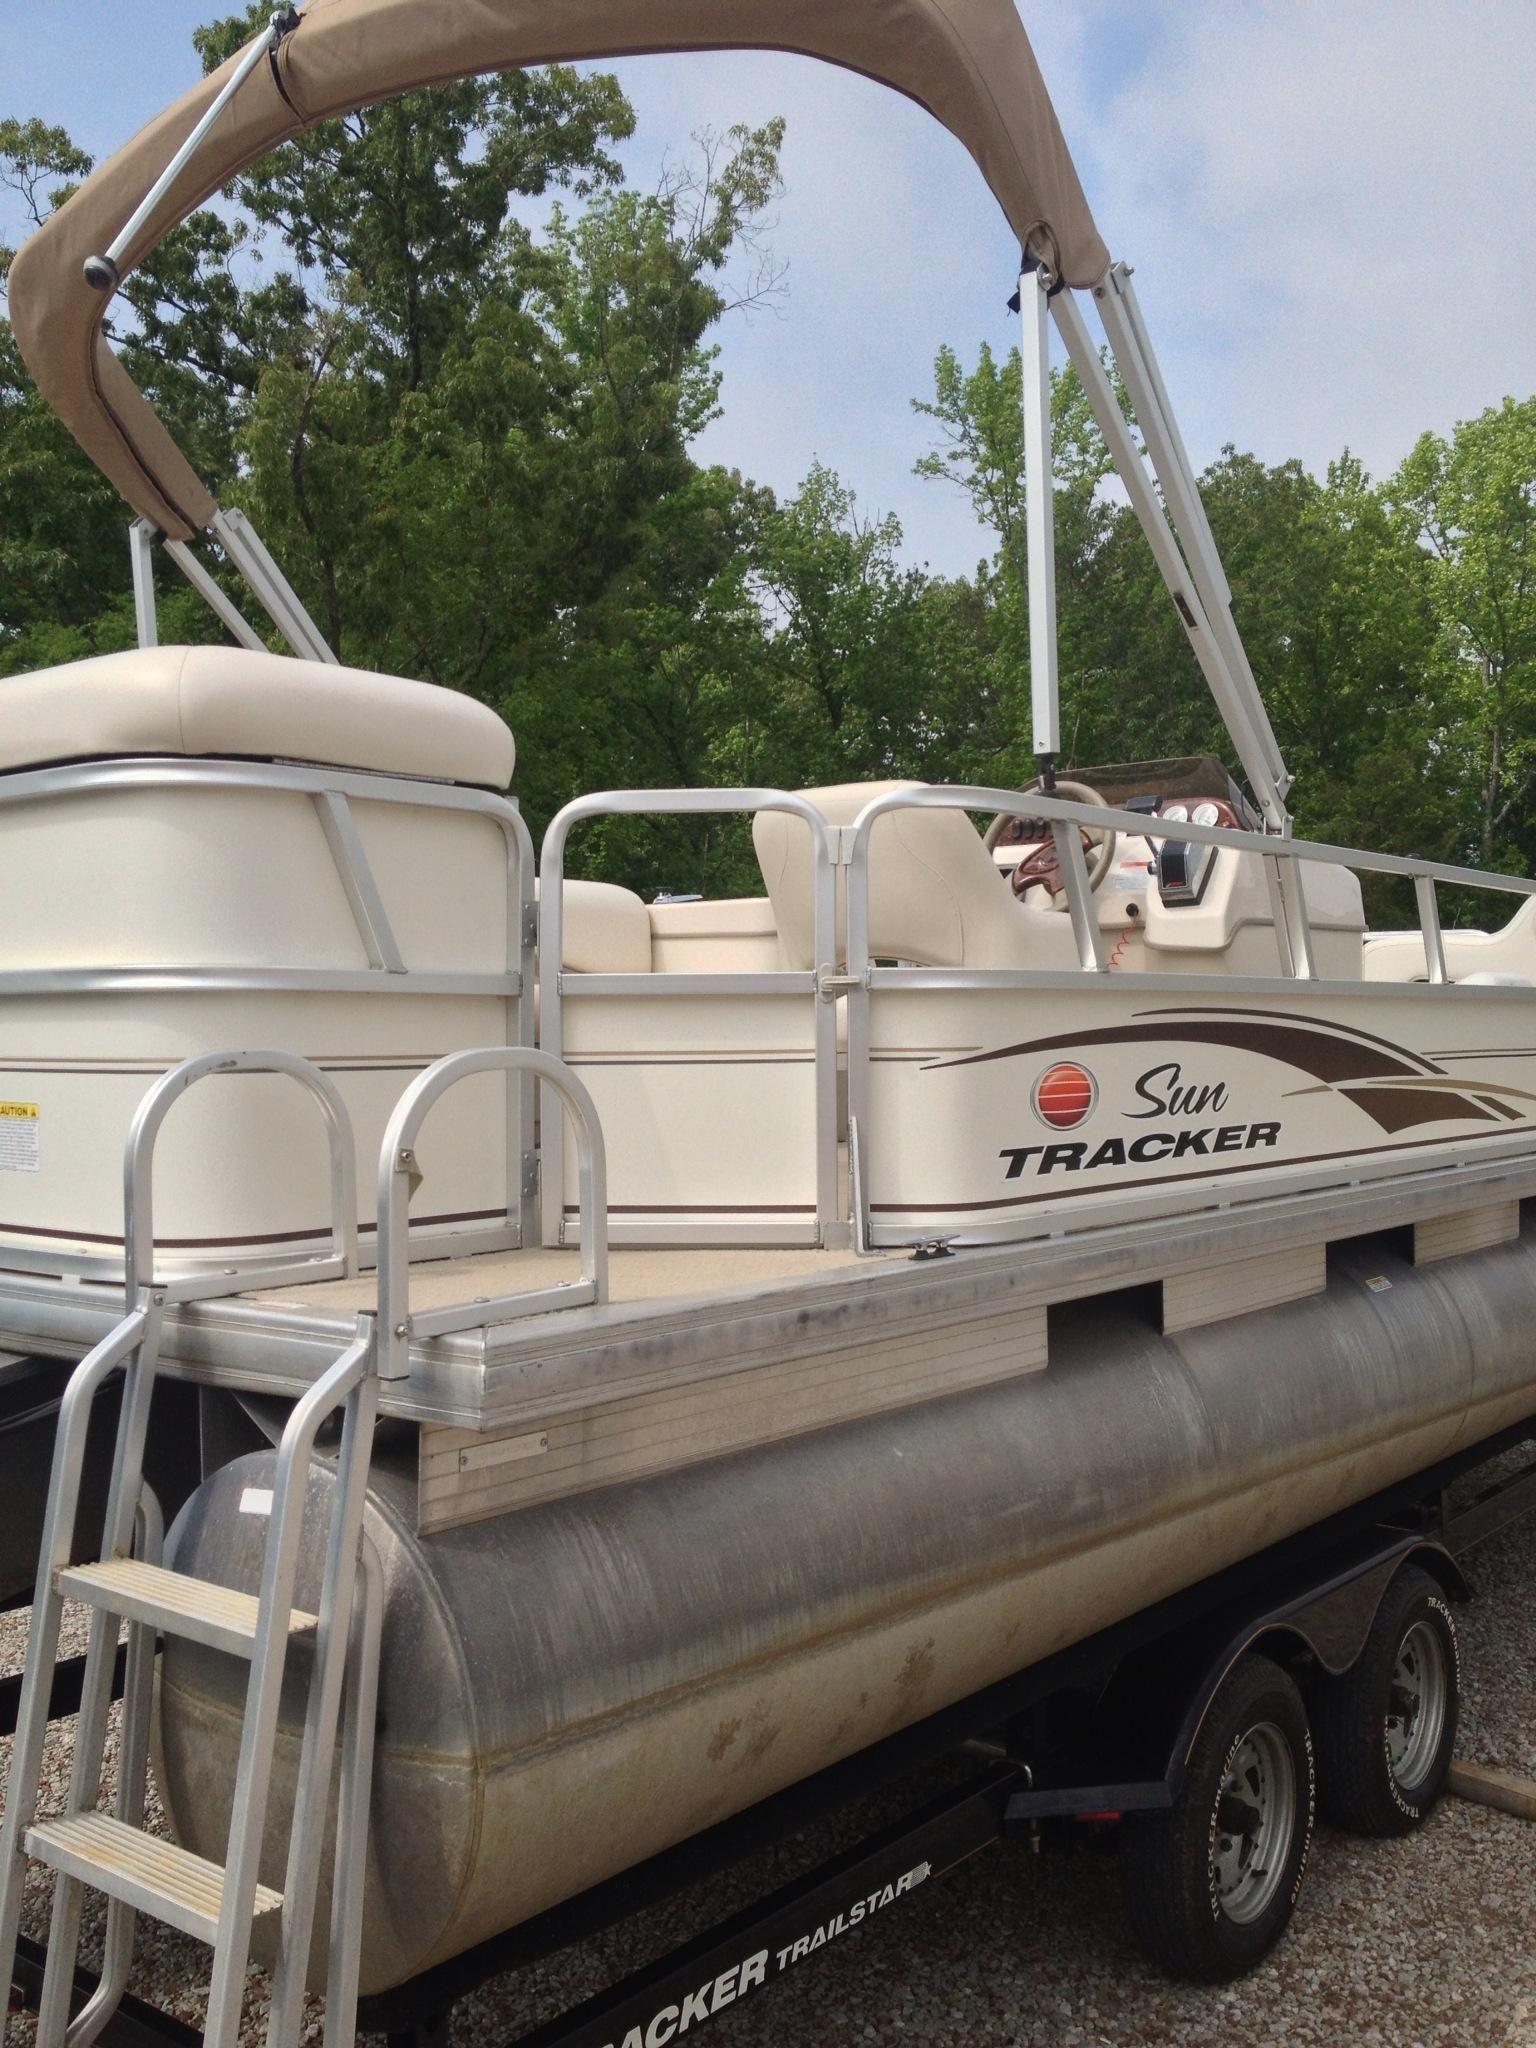 Sun Tracker Pontoon Boats   Boats for sale (98 pontoon boat ...